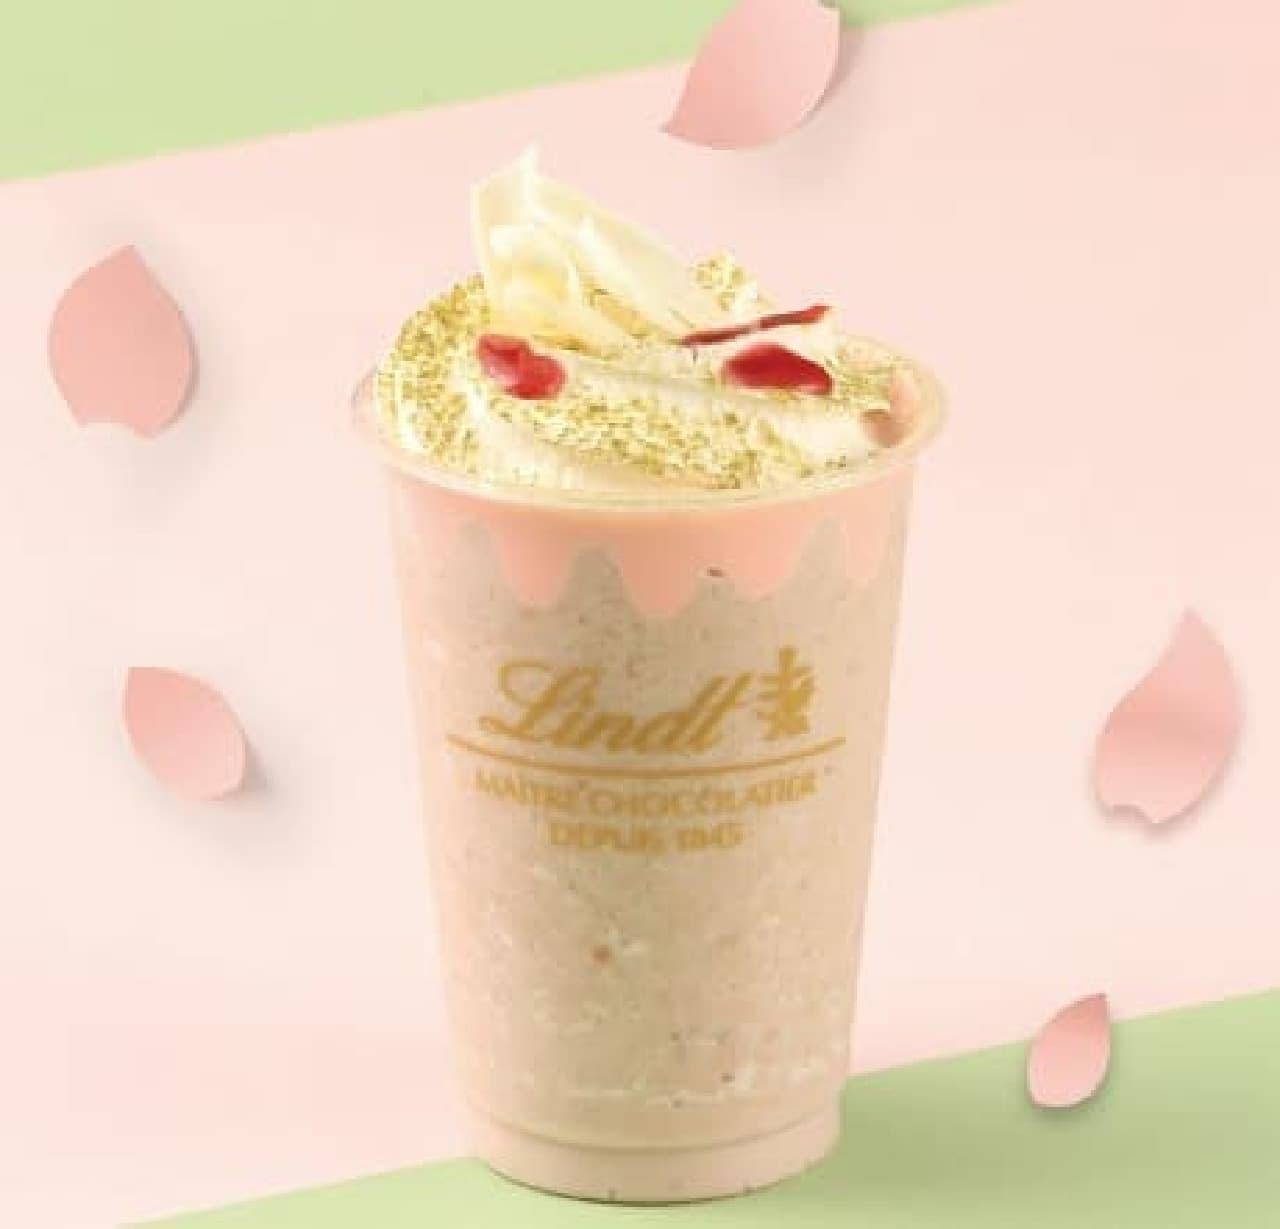 リンツ ショコラ カフェ「リンツ ホワイトチョコレート サクラ アイスドリンク」